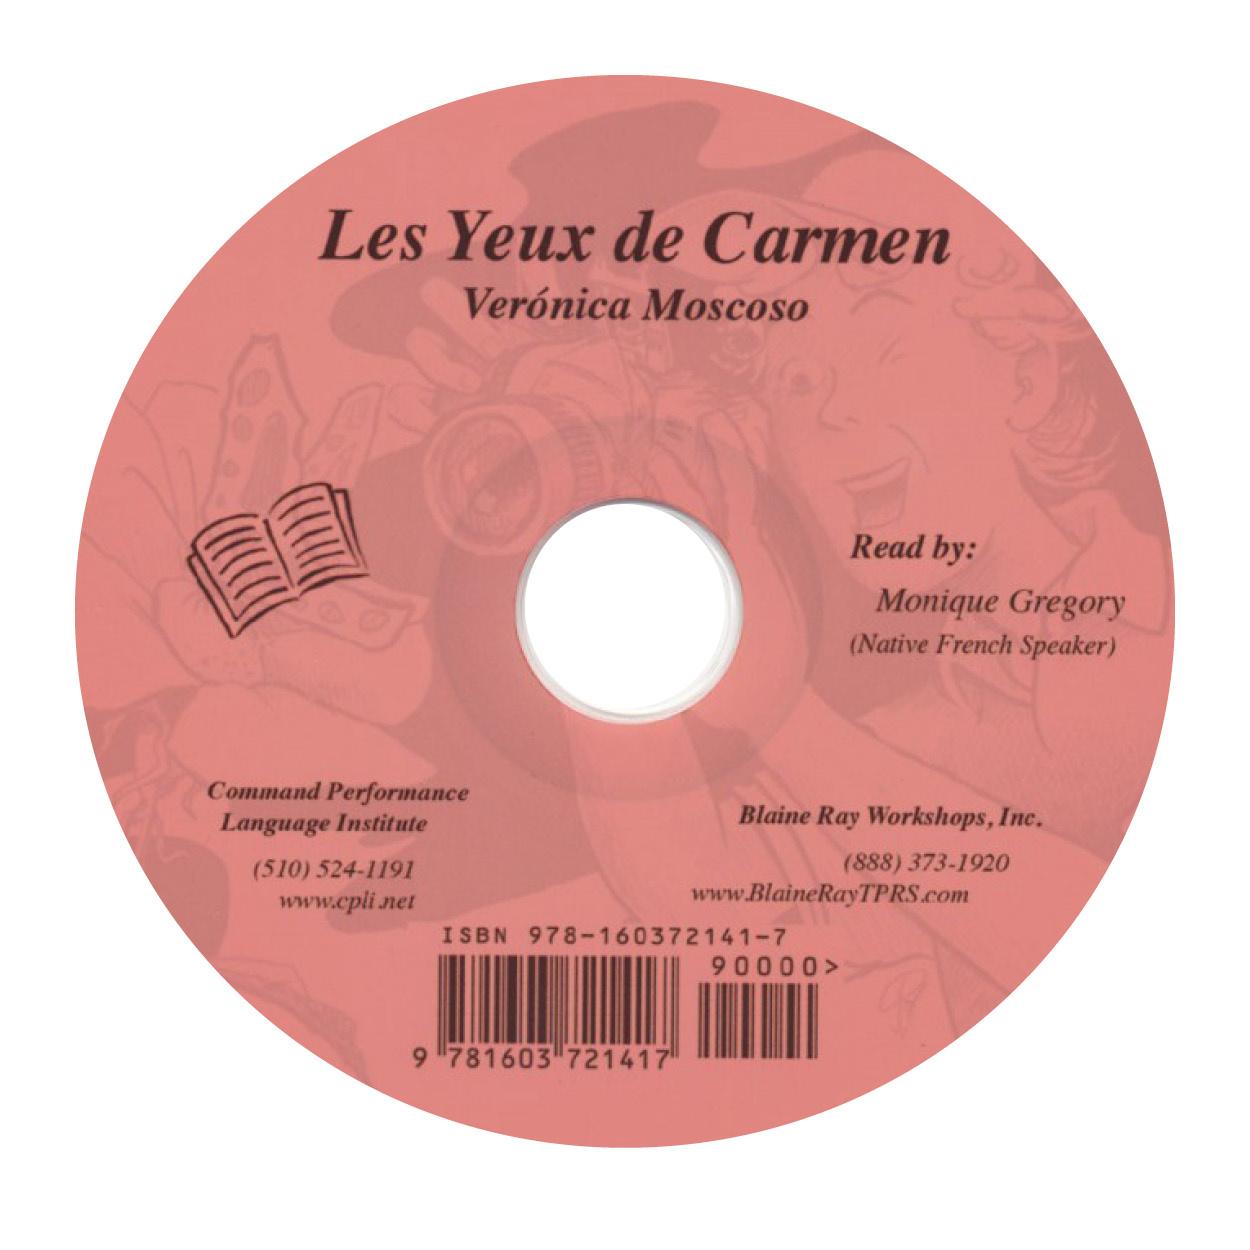 Les yeux de Carmen - audio book